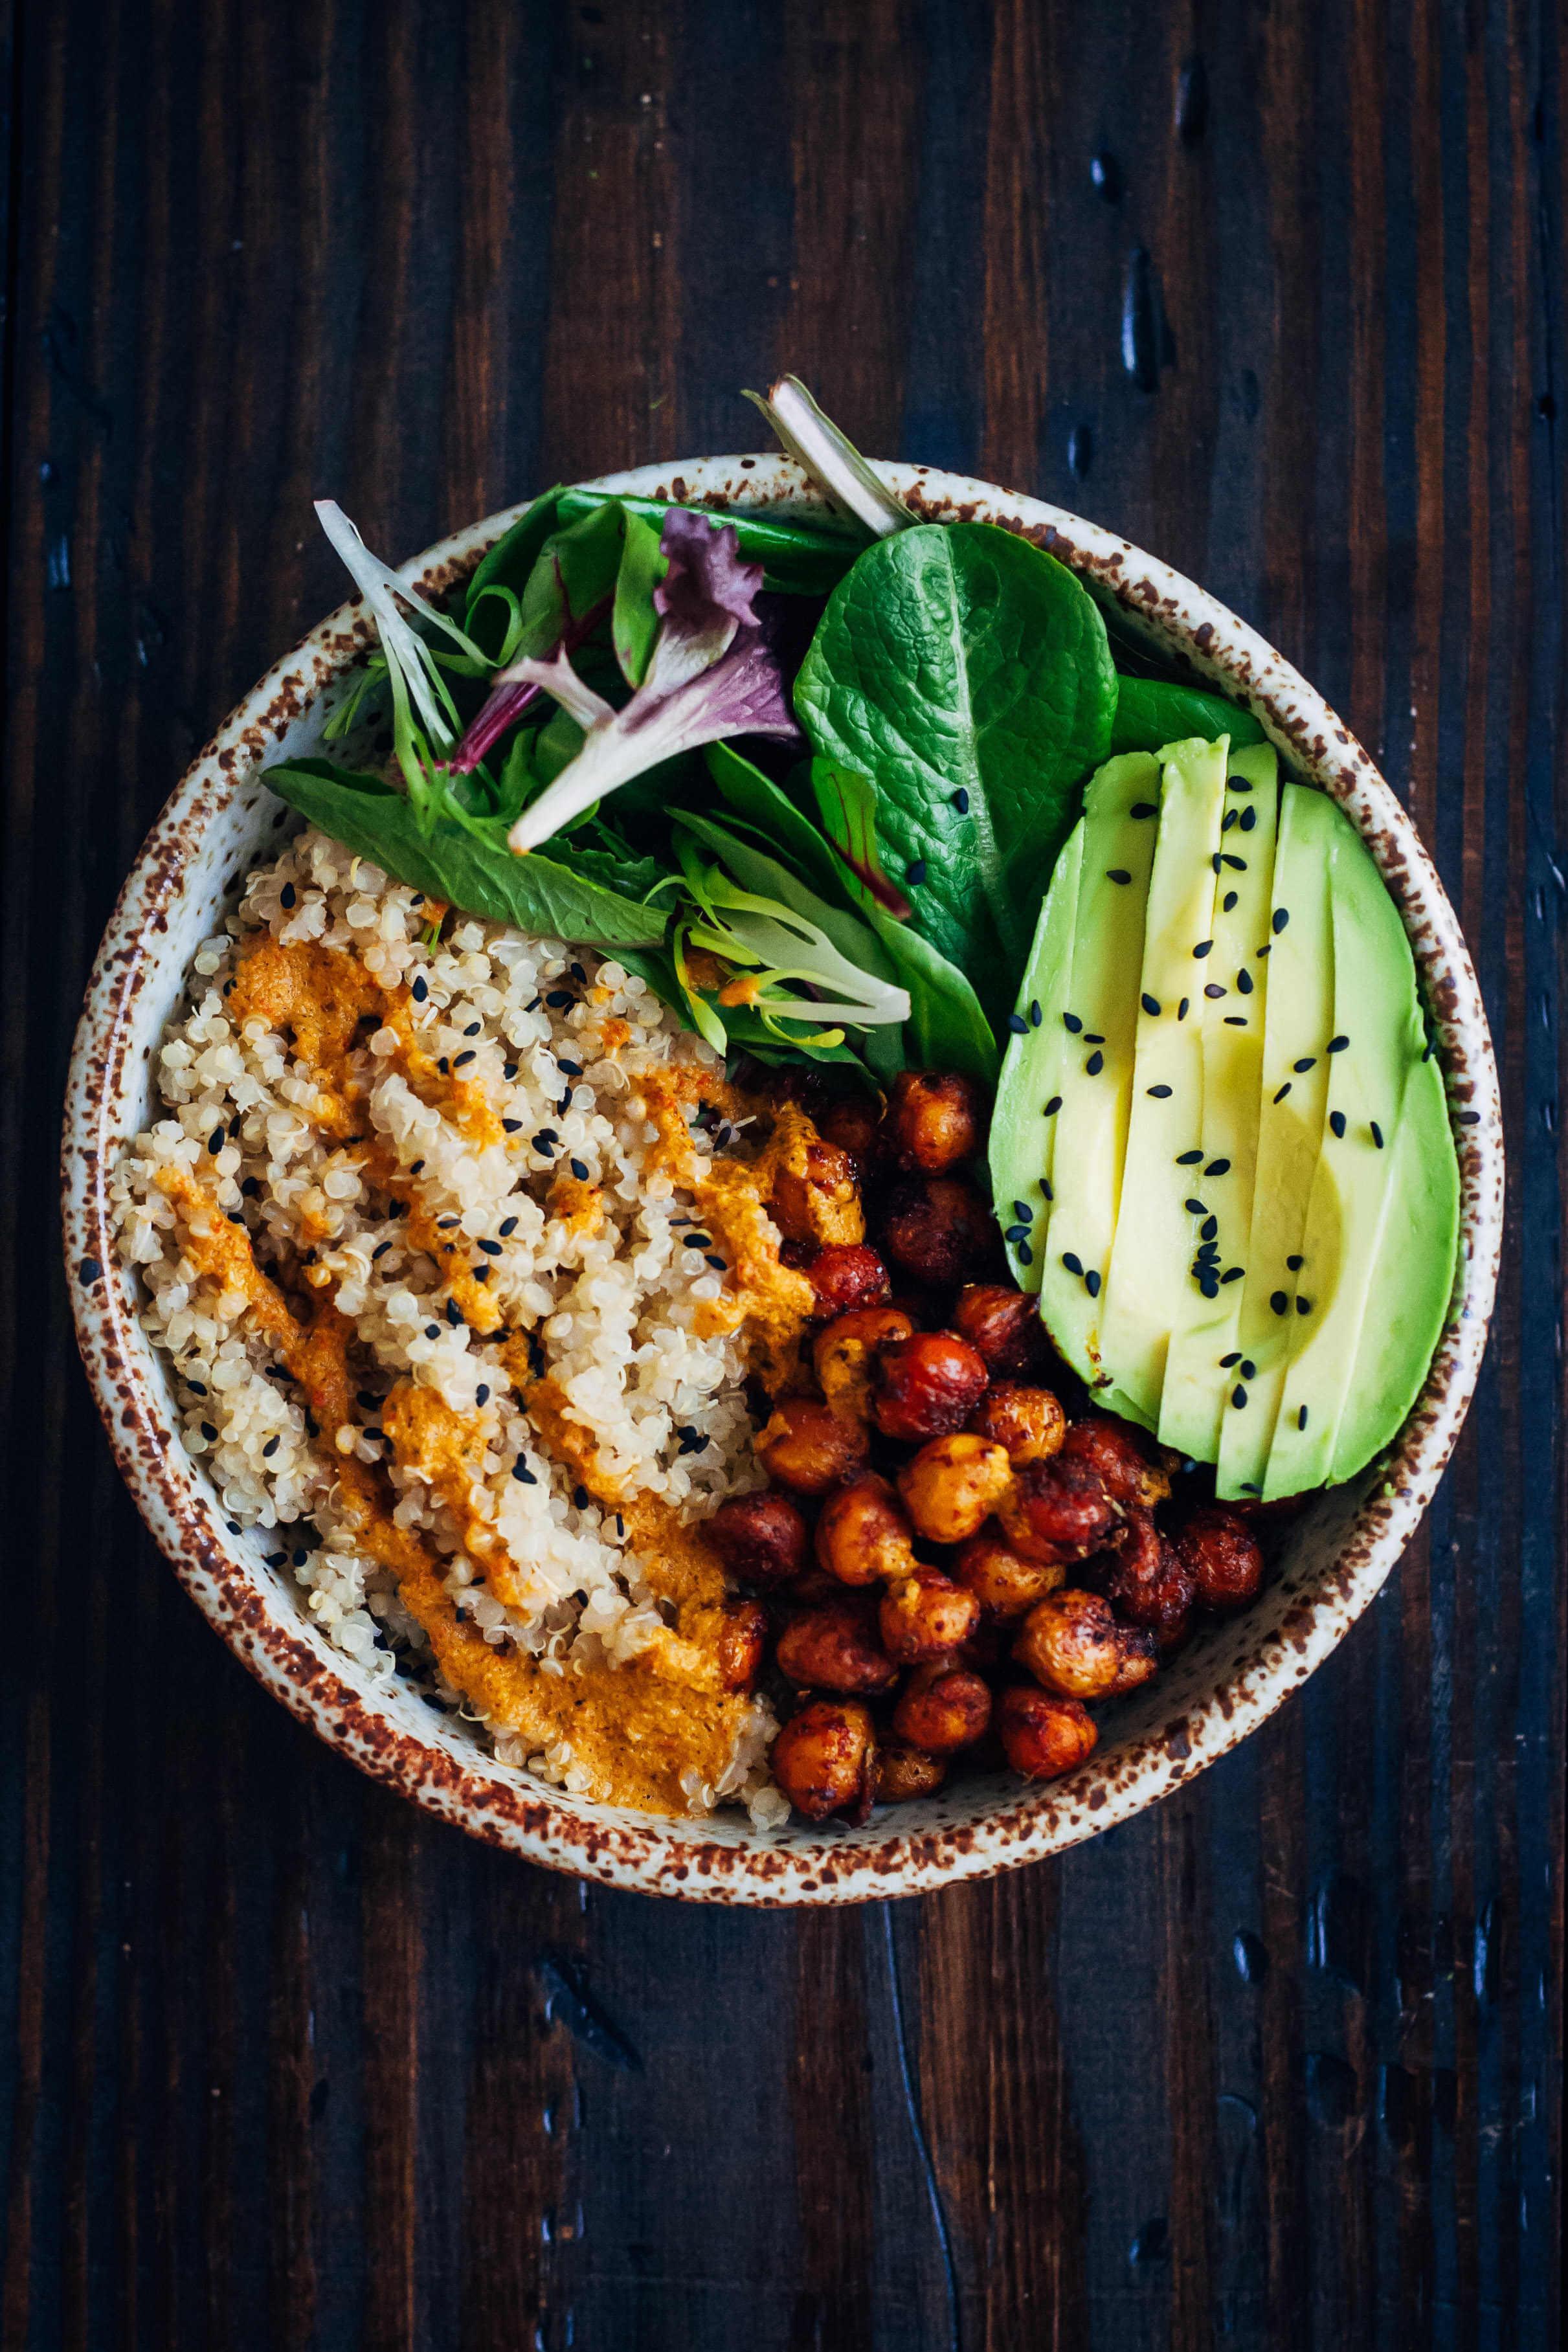 Vegan Recipes For Dinner  25 Vegan Dinner Recipes Easy Healthy Plant based